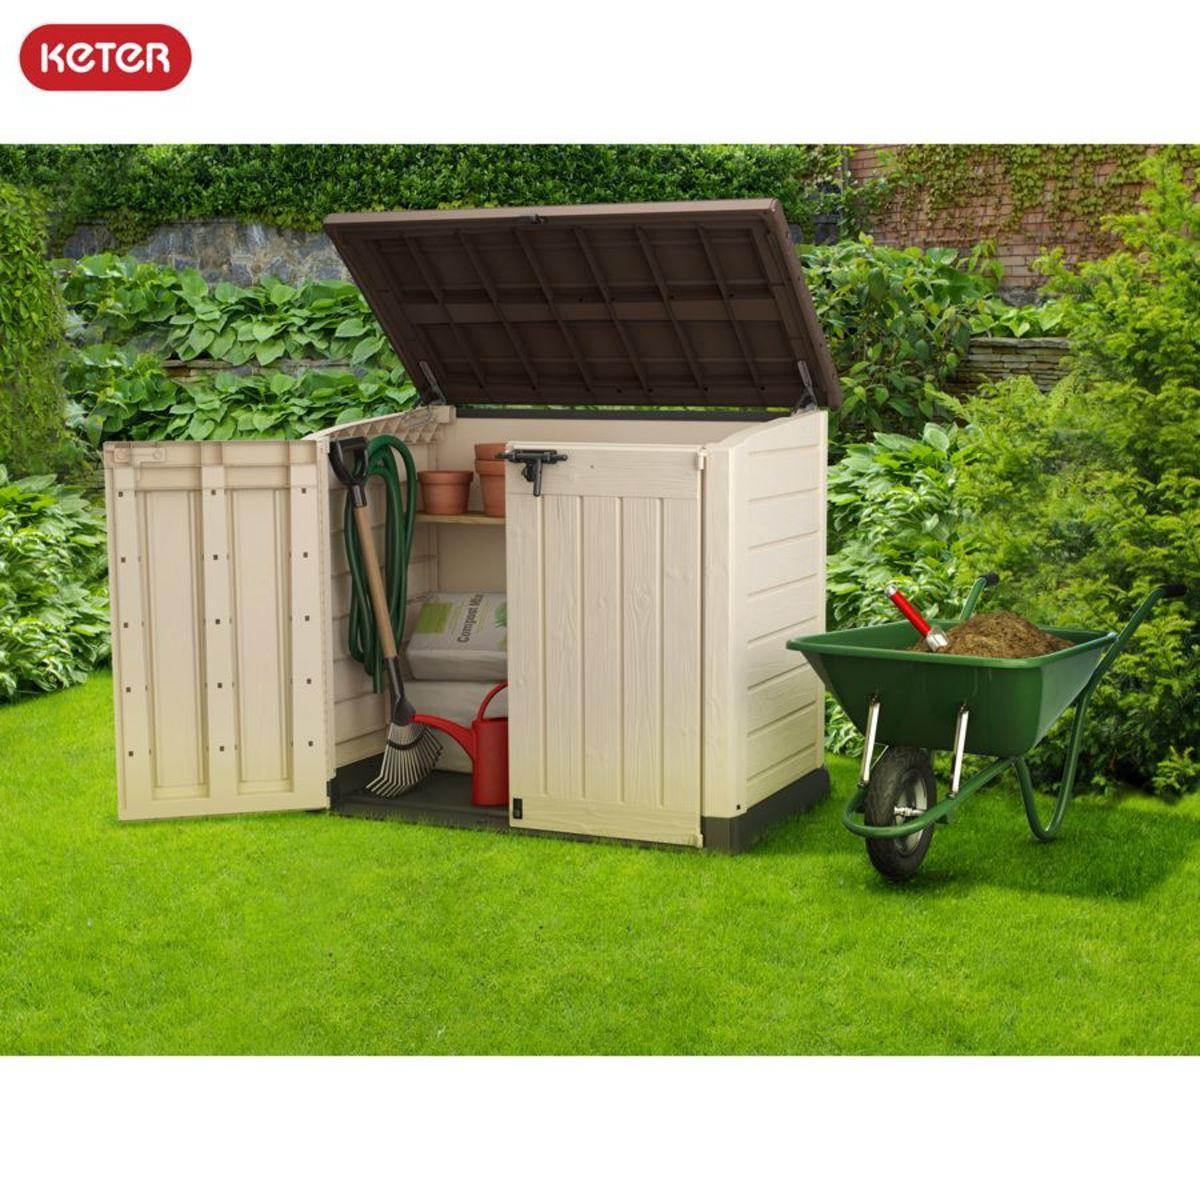 Bild 1 von Keter Garten-Aufbewahrungsbox Store-It-Out Max 145,5x125x82cm